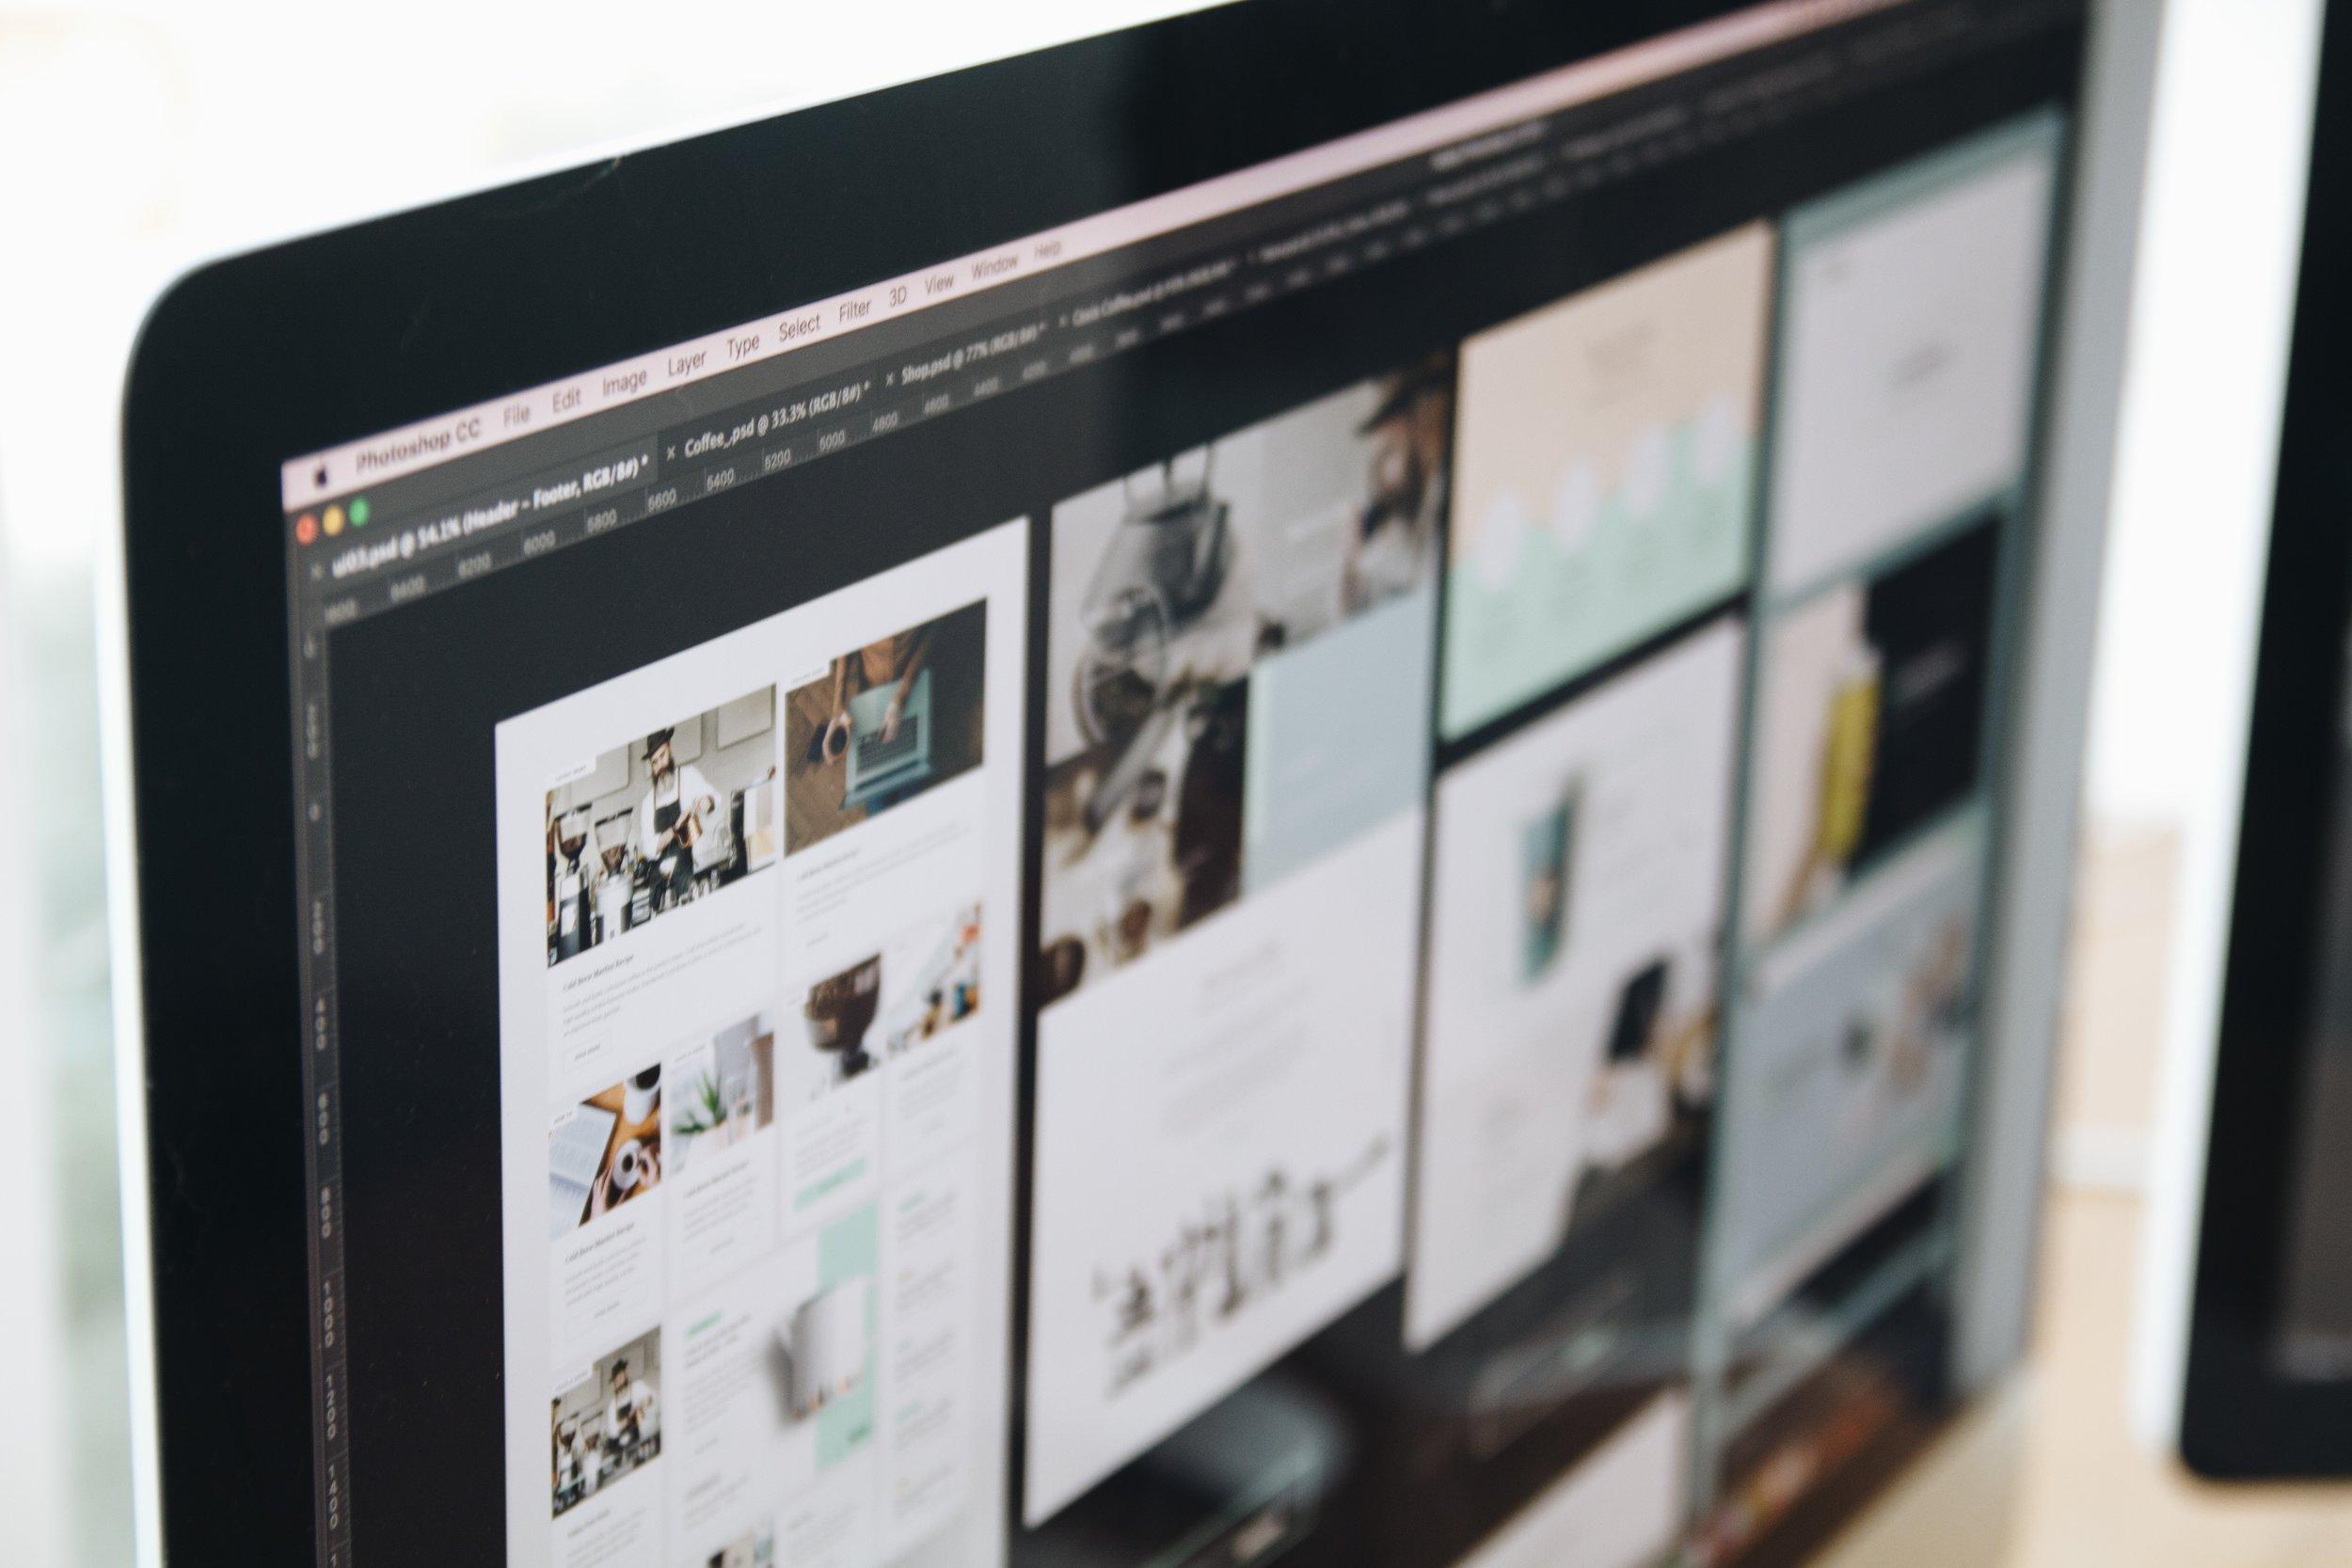 blur-business-commerce-326514.jpg